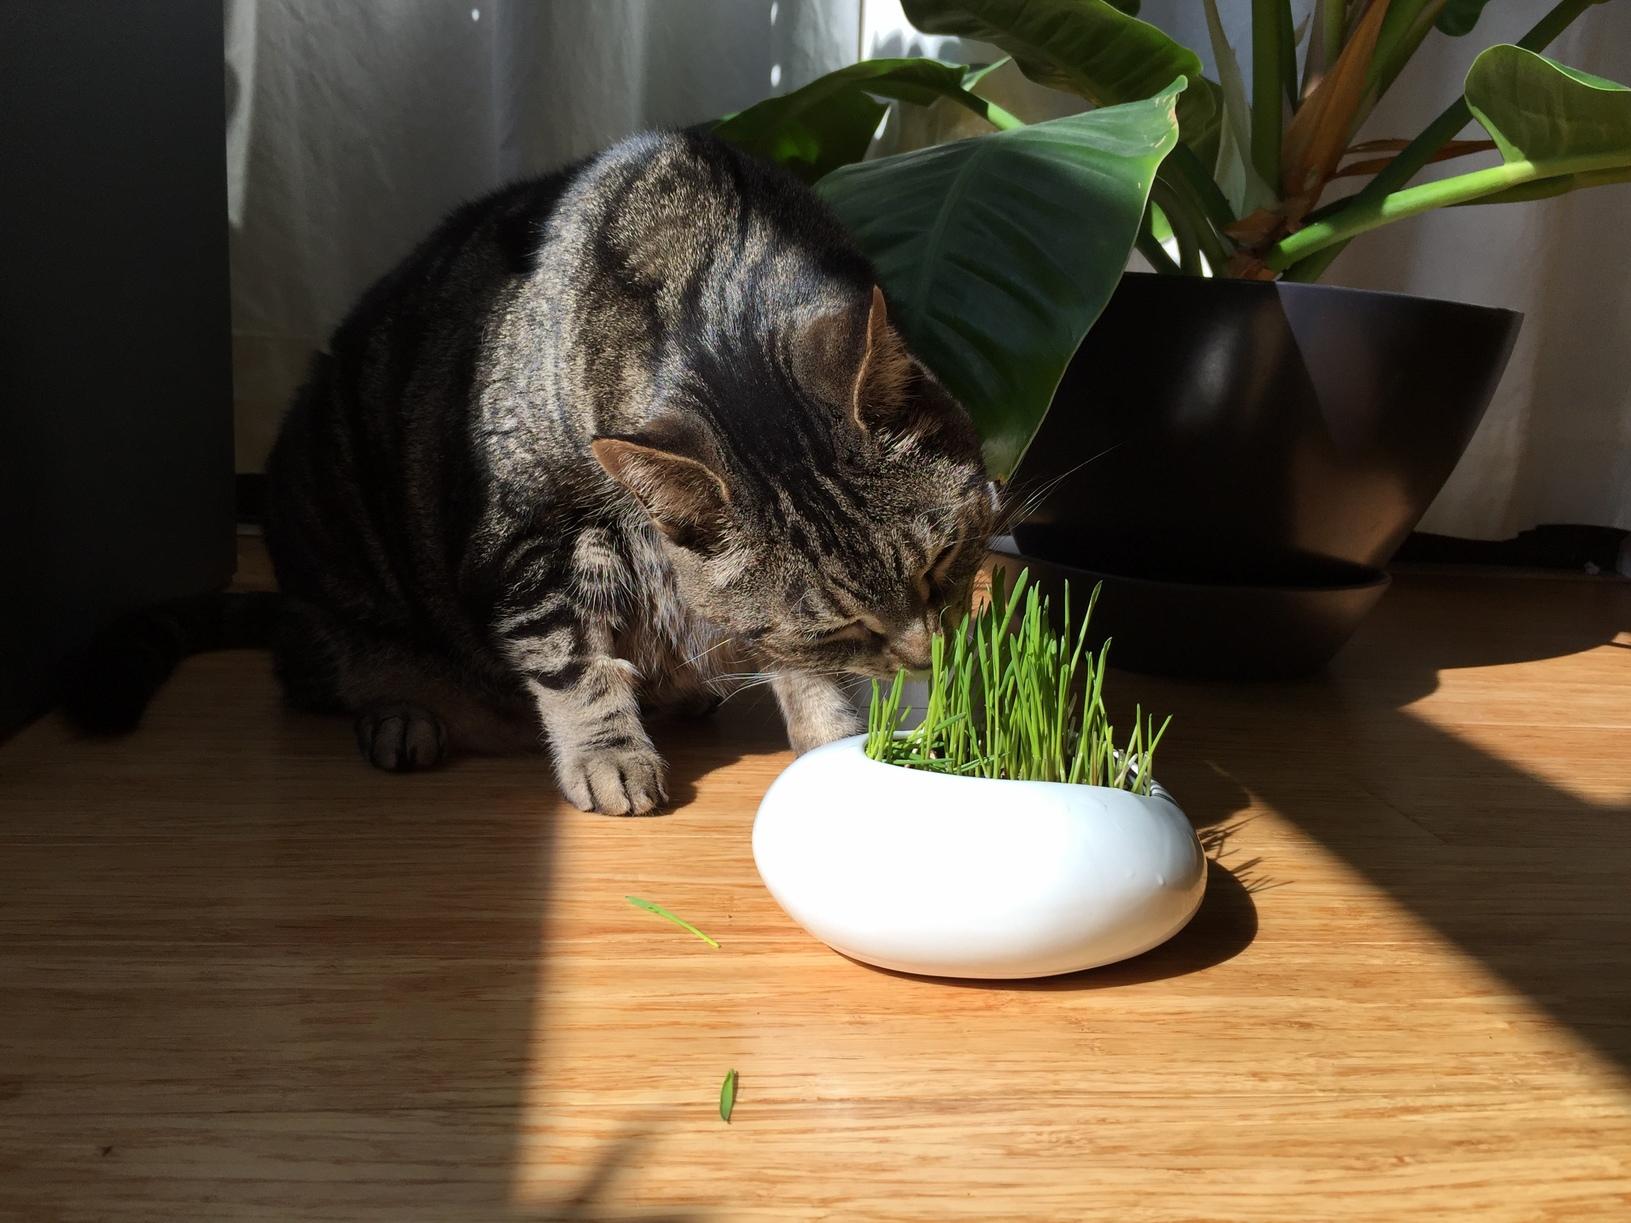 Lukas mowing cat grass